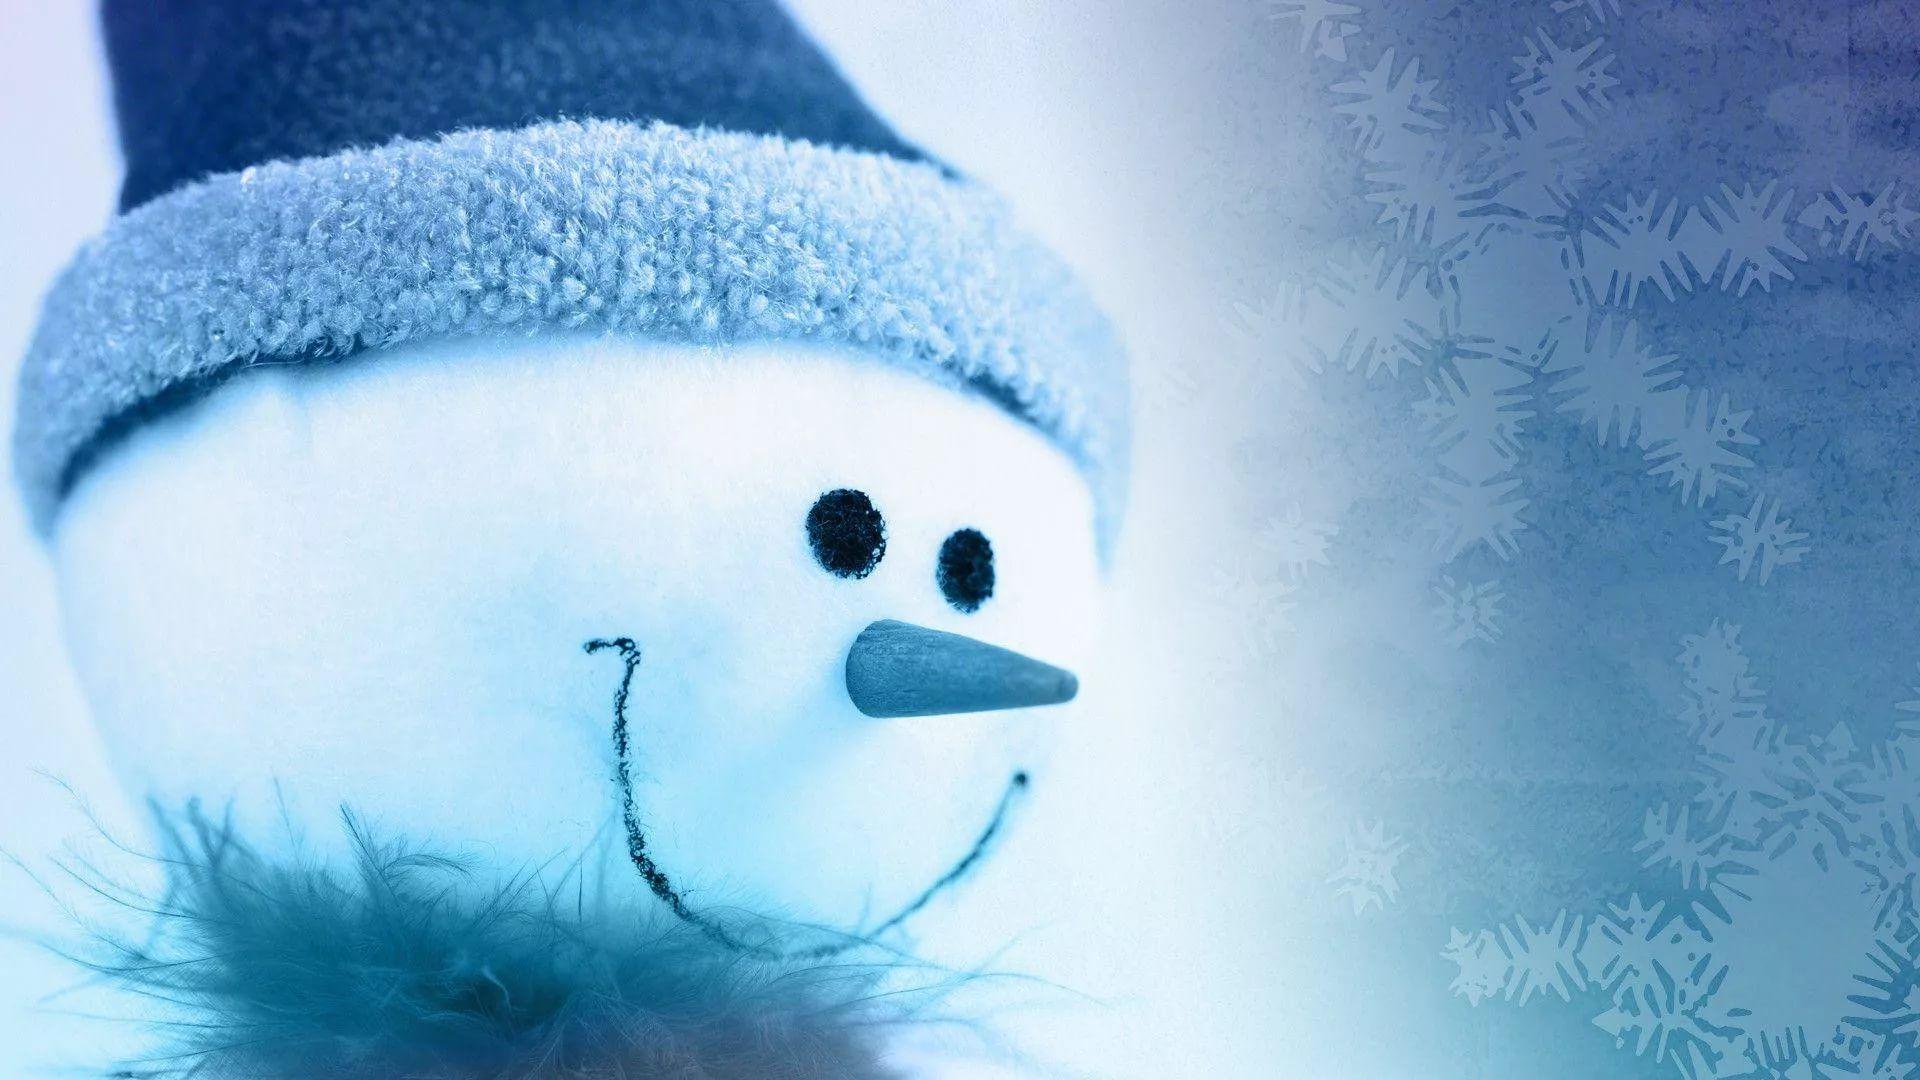 Cute Winter HD Desktop Wallpaper